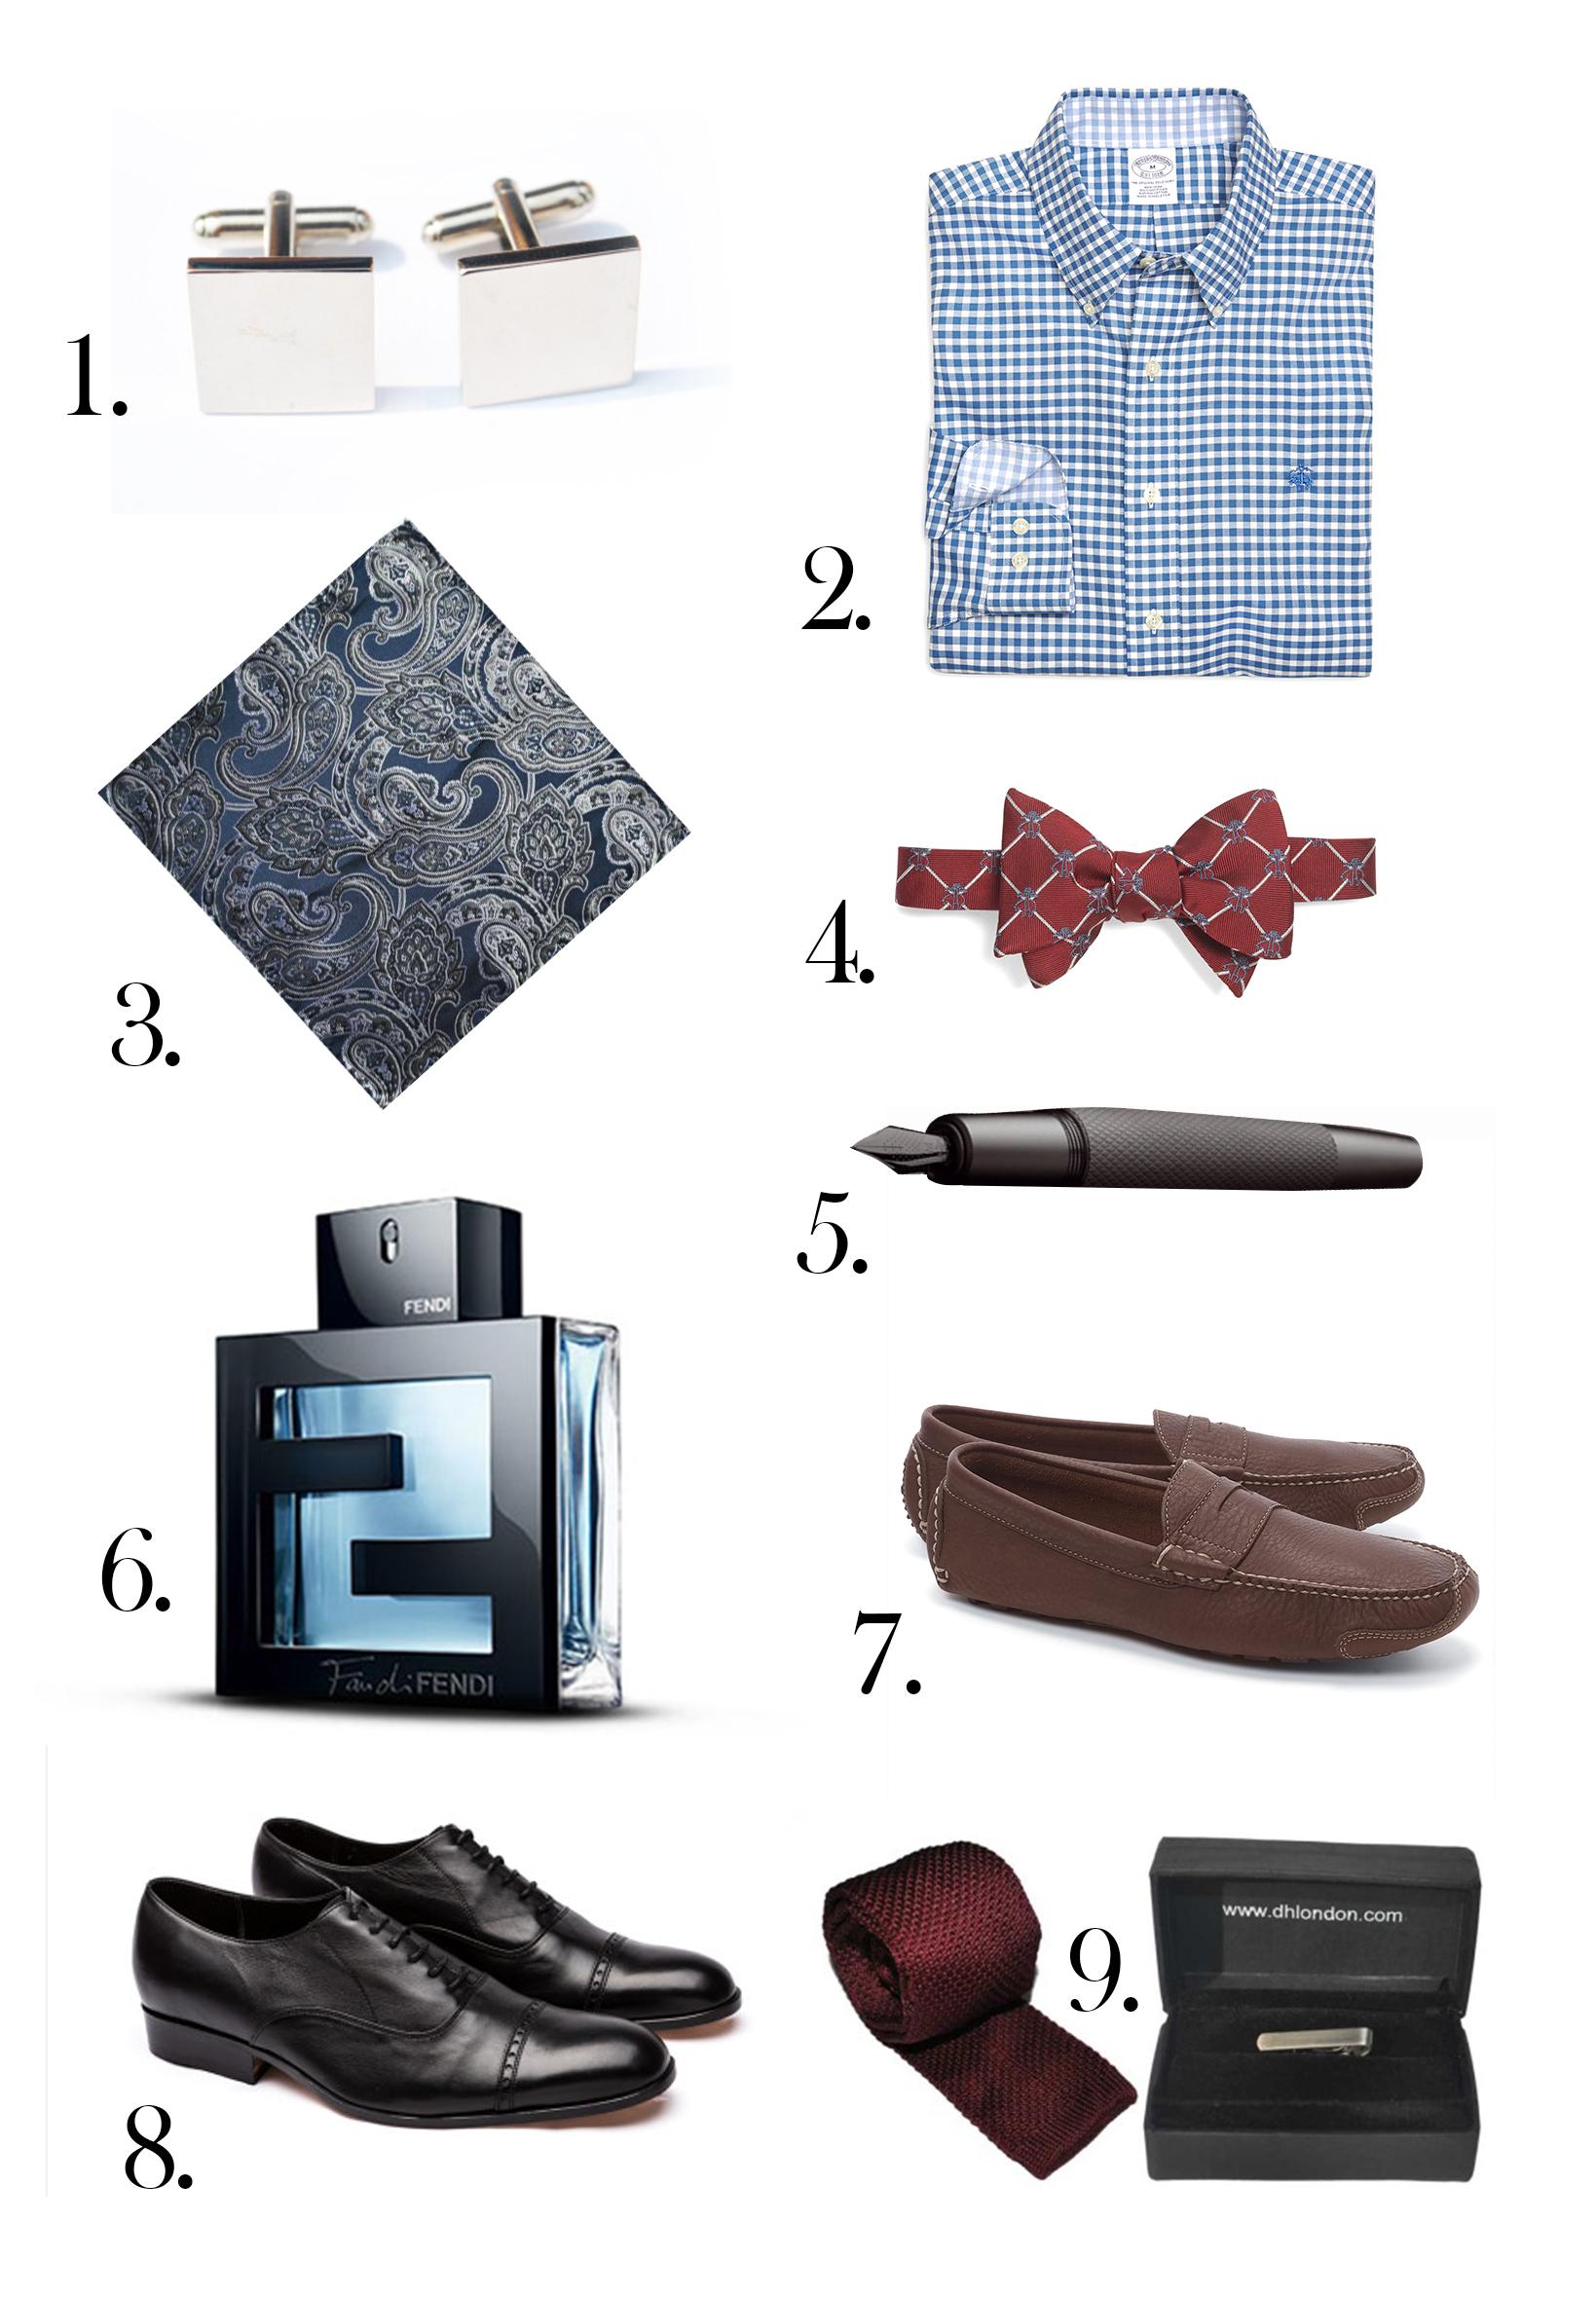 Gu a de regalos para ejecutivos en navidad parte 1 for Regalos ideas para hombres